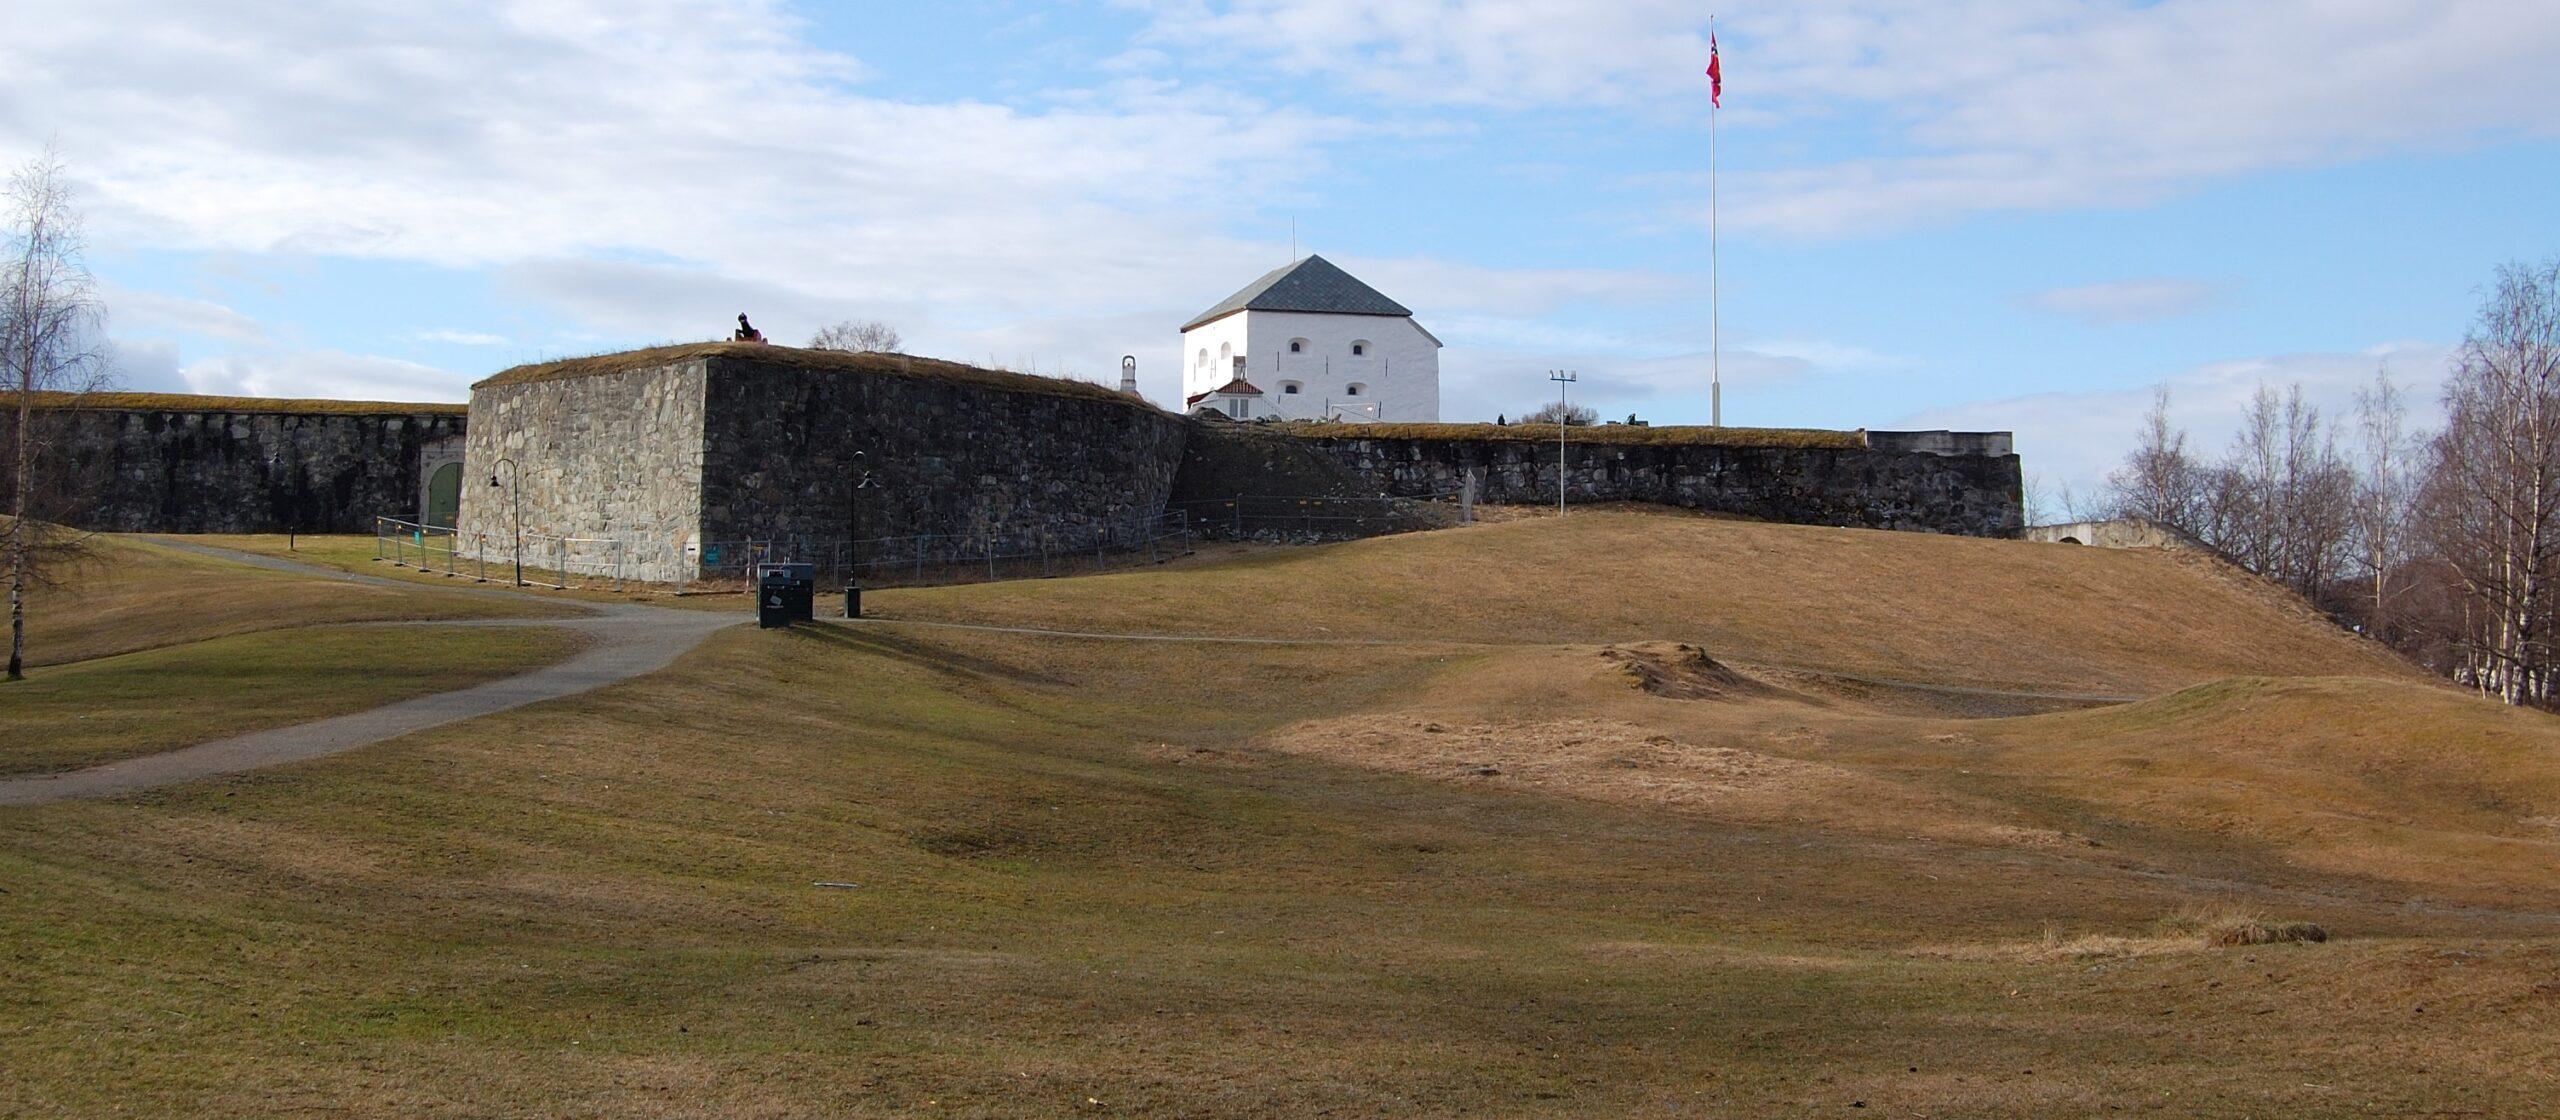 TRONDHEIM - fortezza di Kristiansen